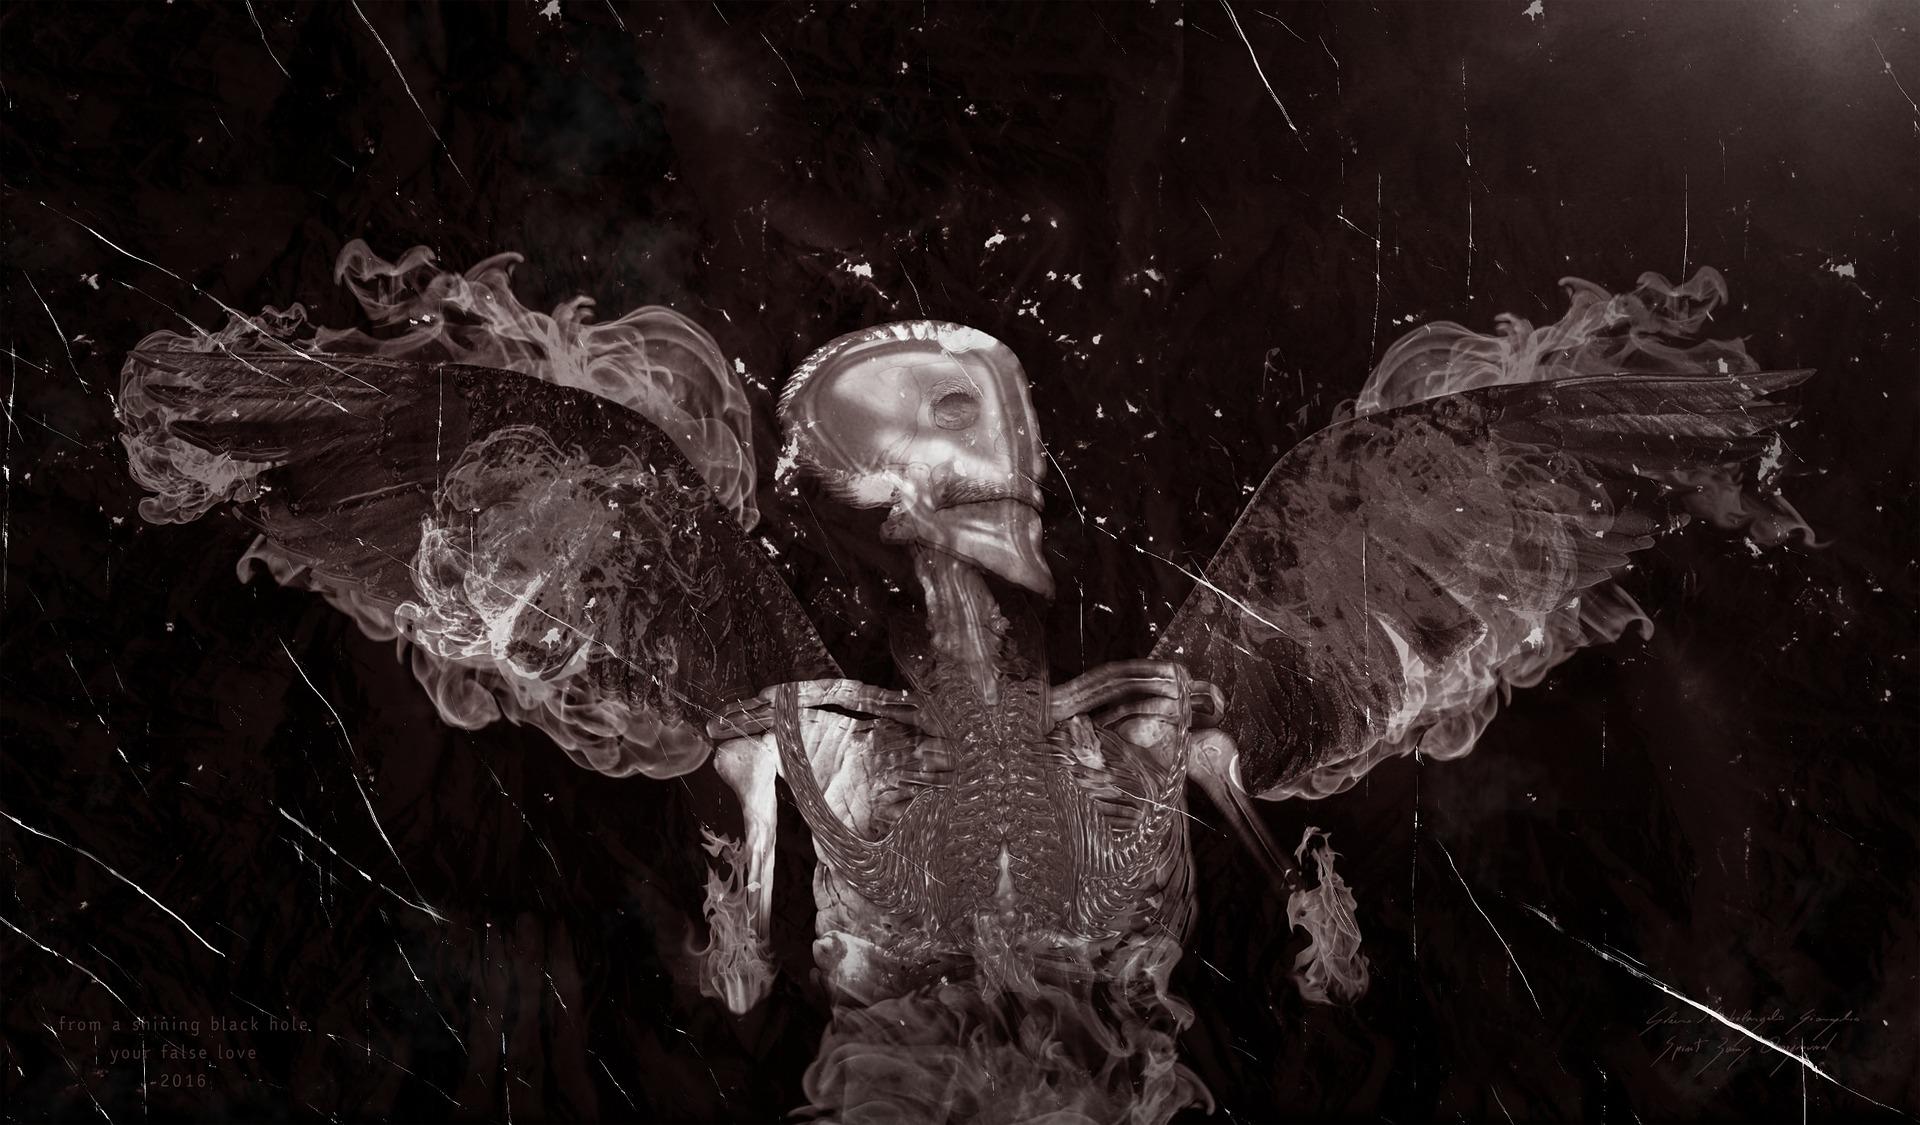 skull-1391722_1920.jpg